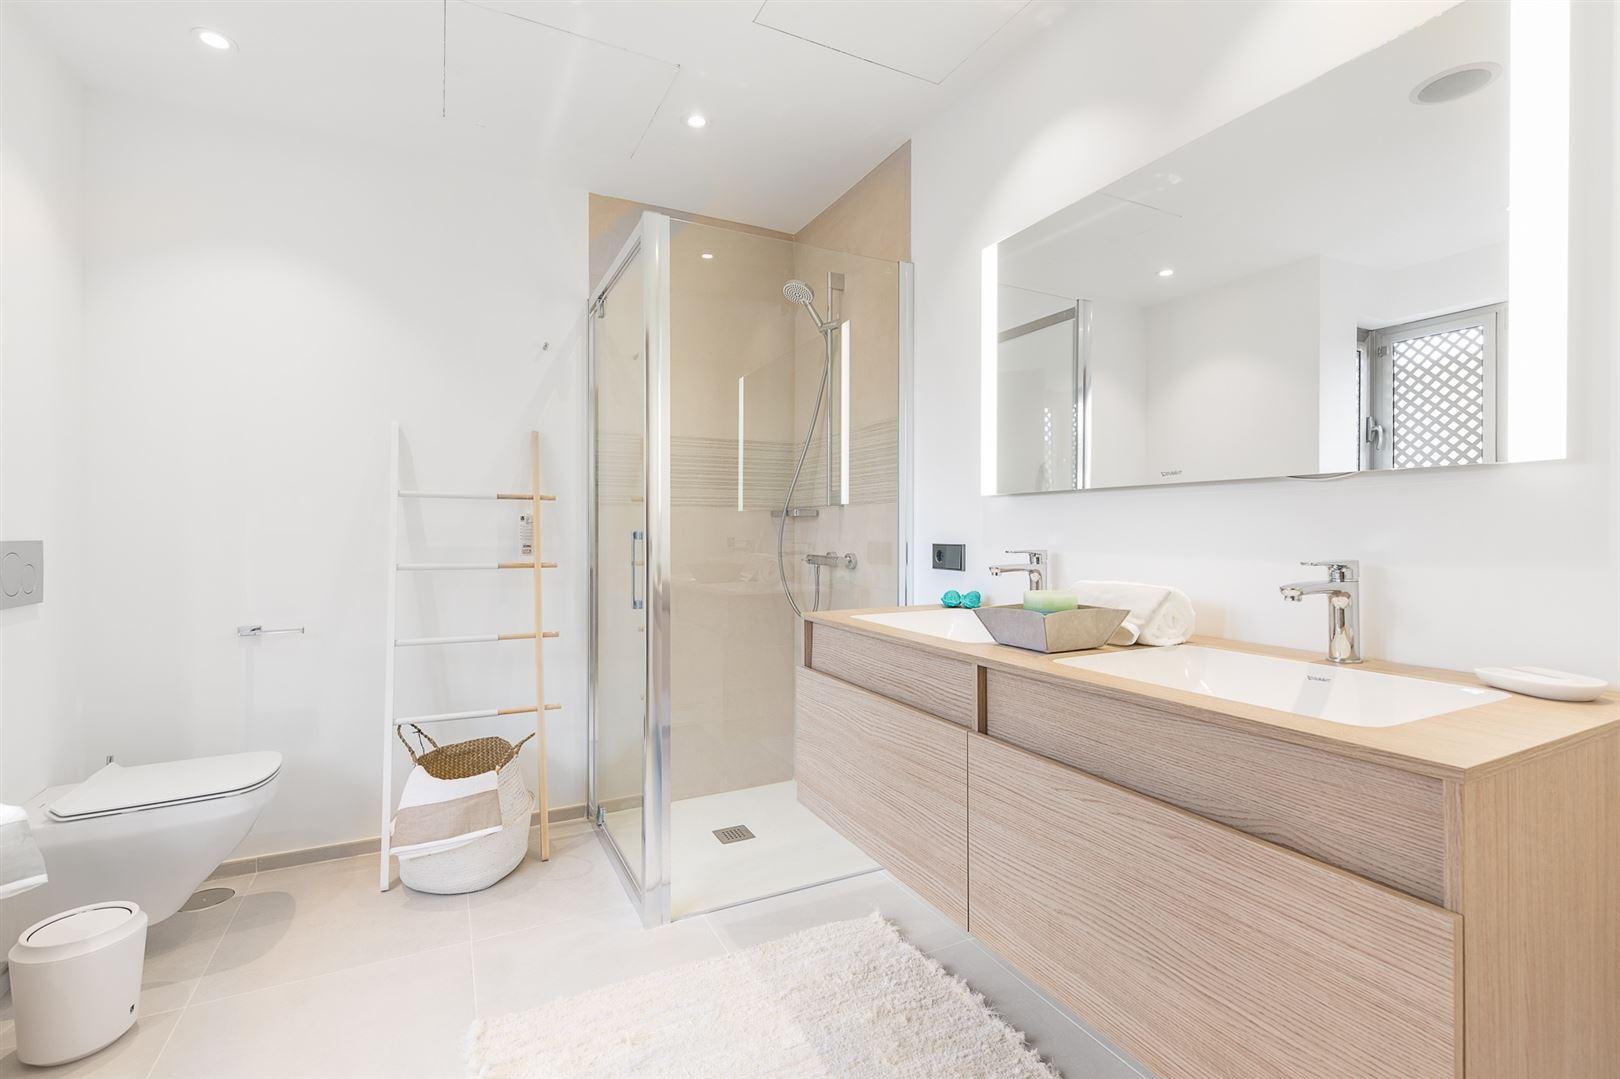 Foto 13 : Appartement te 38632 PALM MAR (Spanje) - Prijs € 450.000